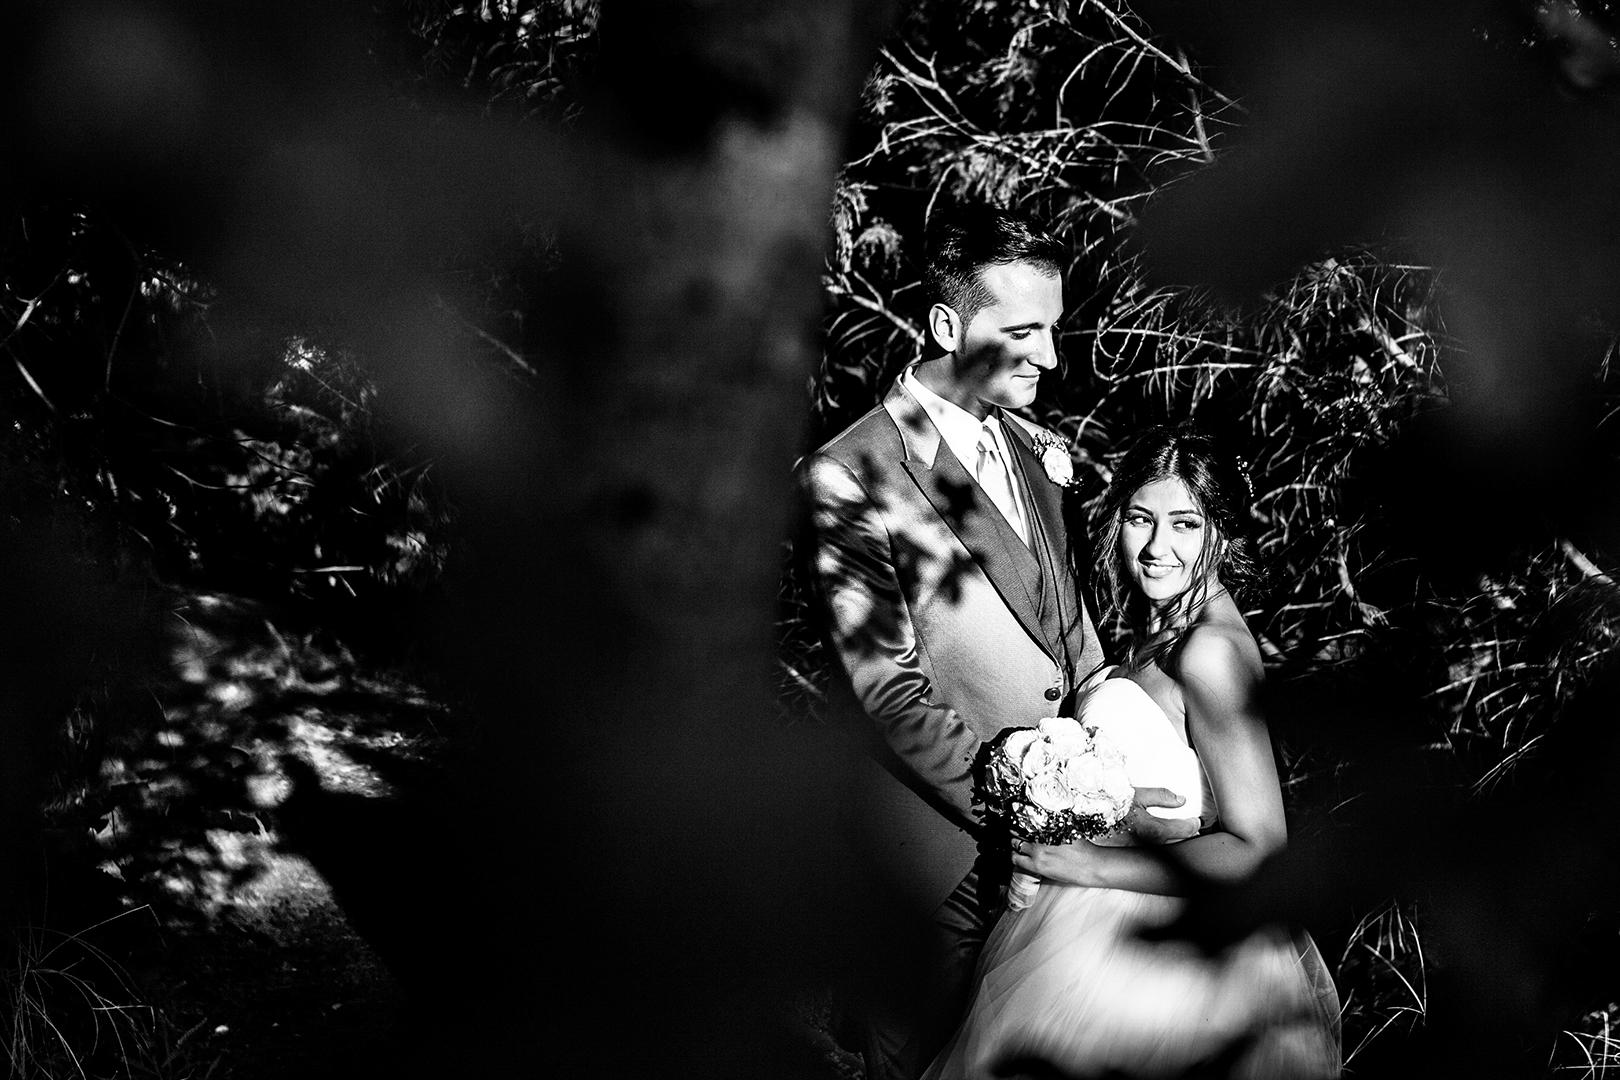 71 gianni-lepore-sposi-matrimonio-bianco-nero